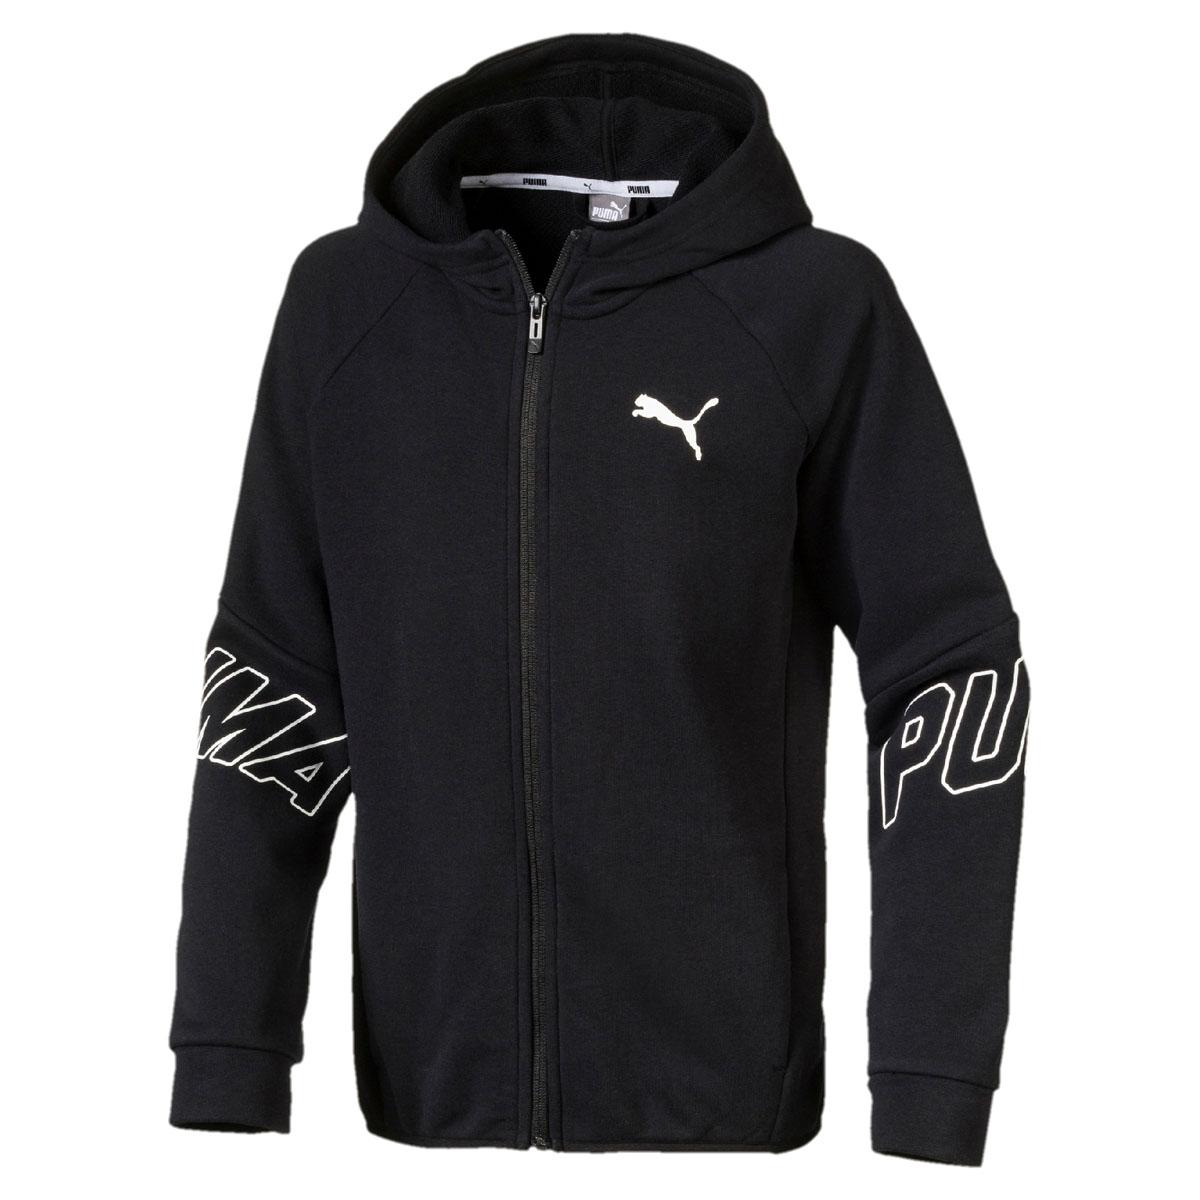 Толстовка для мальчика Puma Style FZ Hoody, цвет: черный. 850176017. Размер 152 стоимость